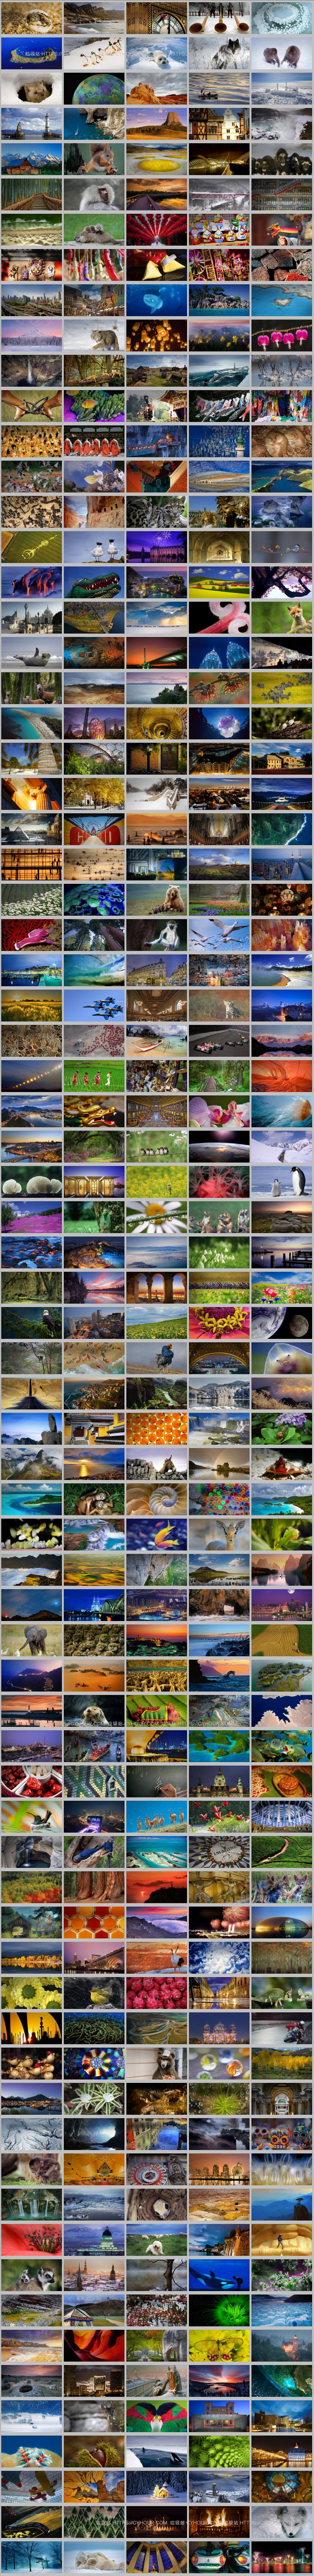 2011 年微软 Bing 必应壁纸图片 共365张 打包下载-垃圾站